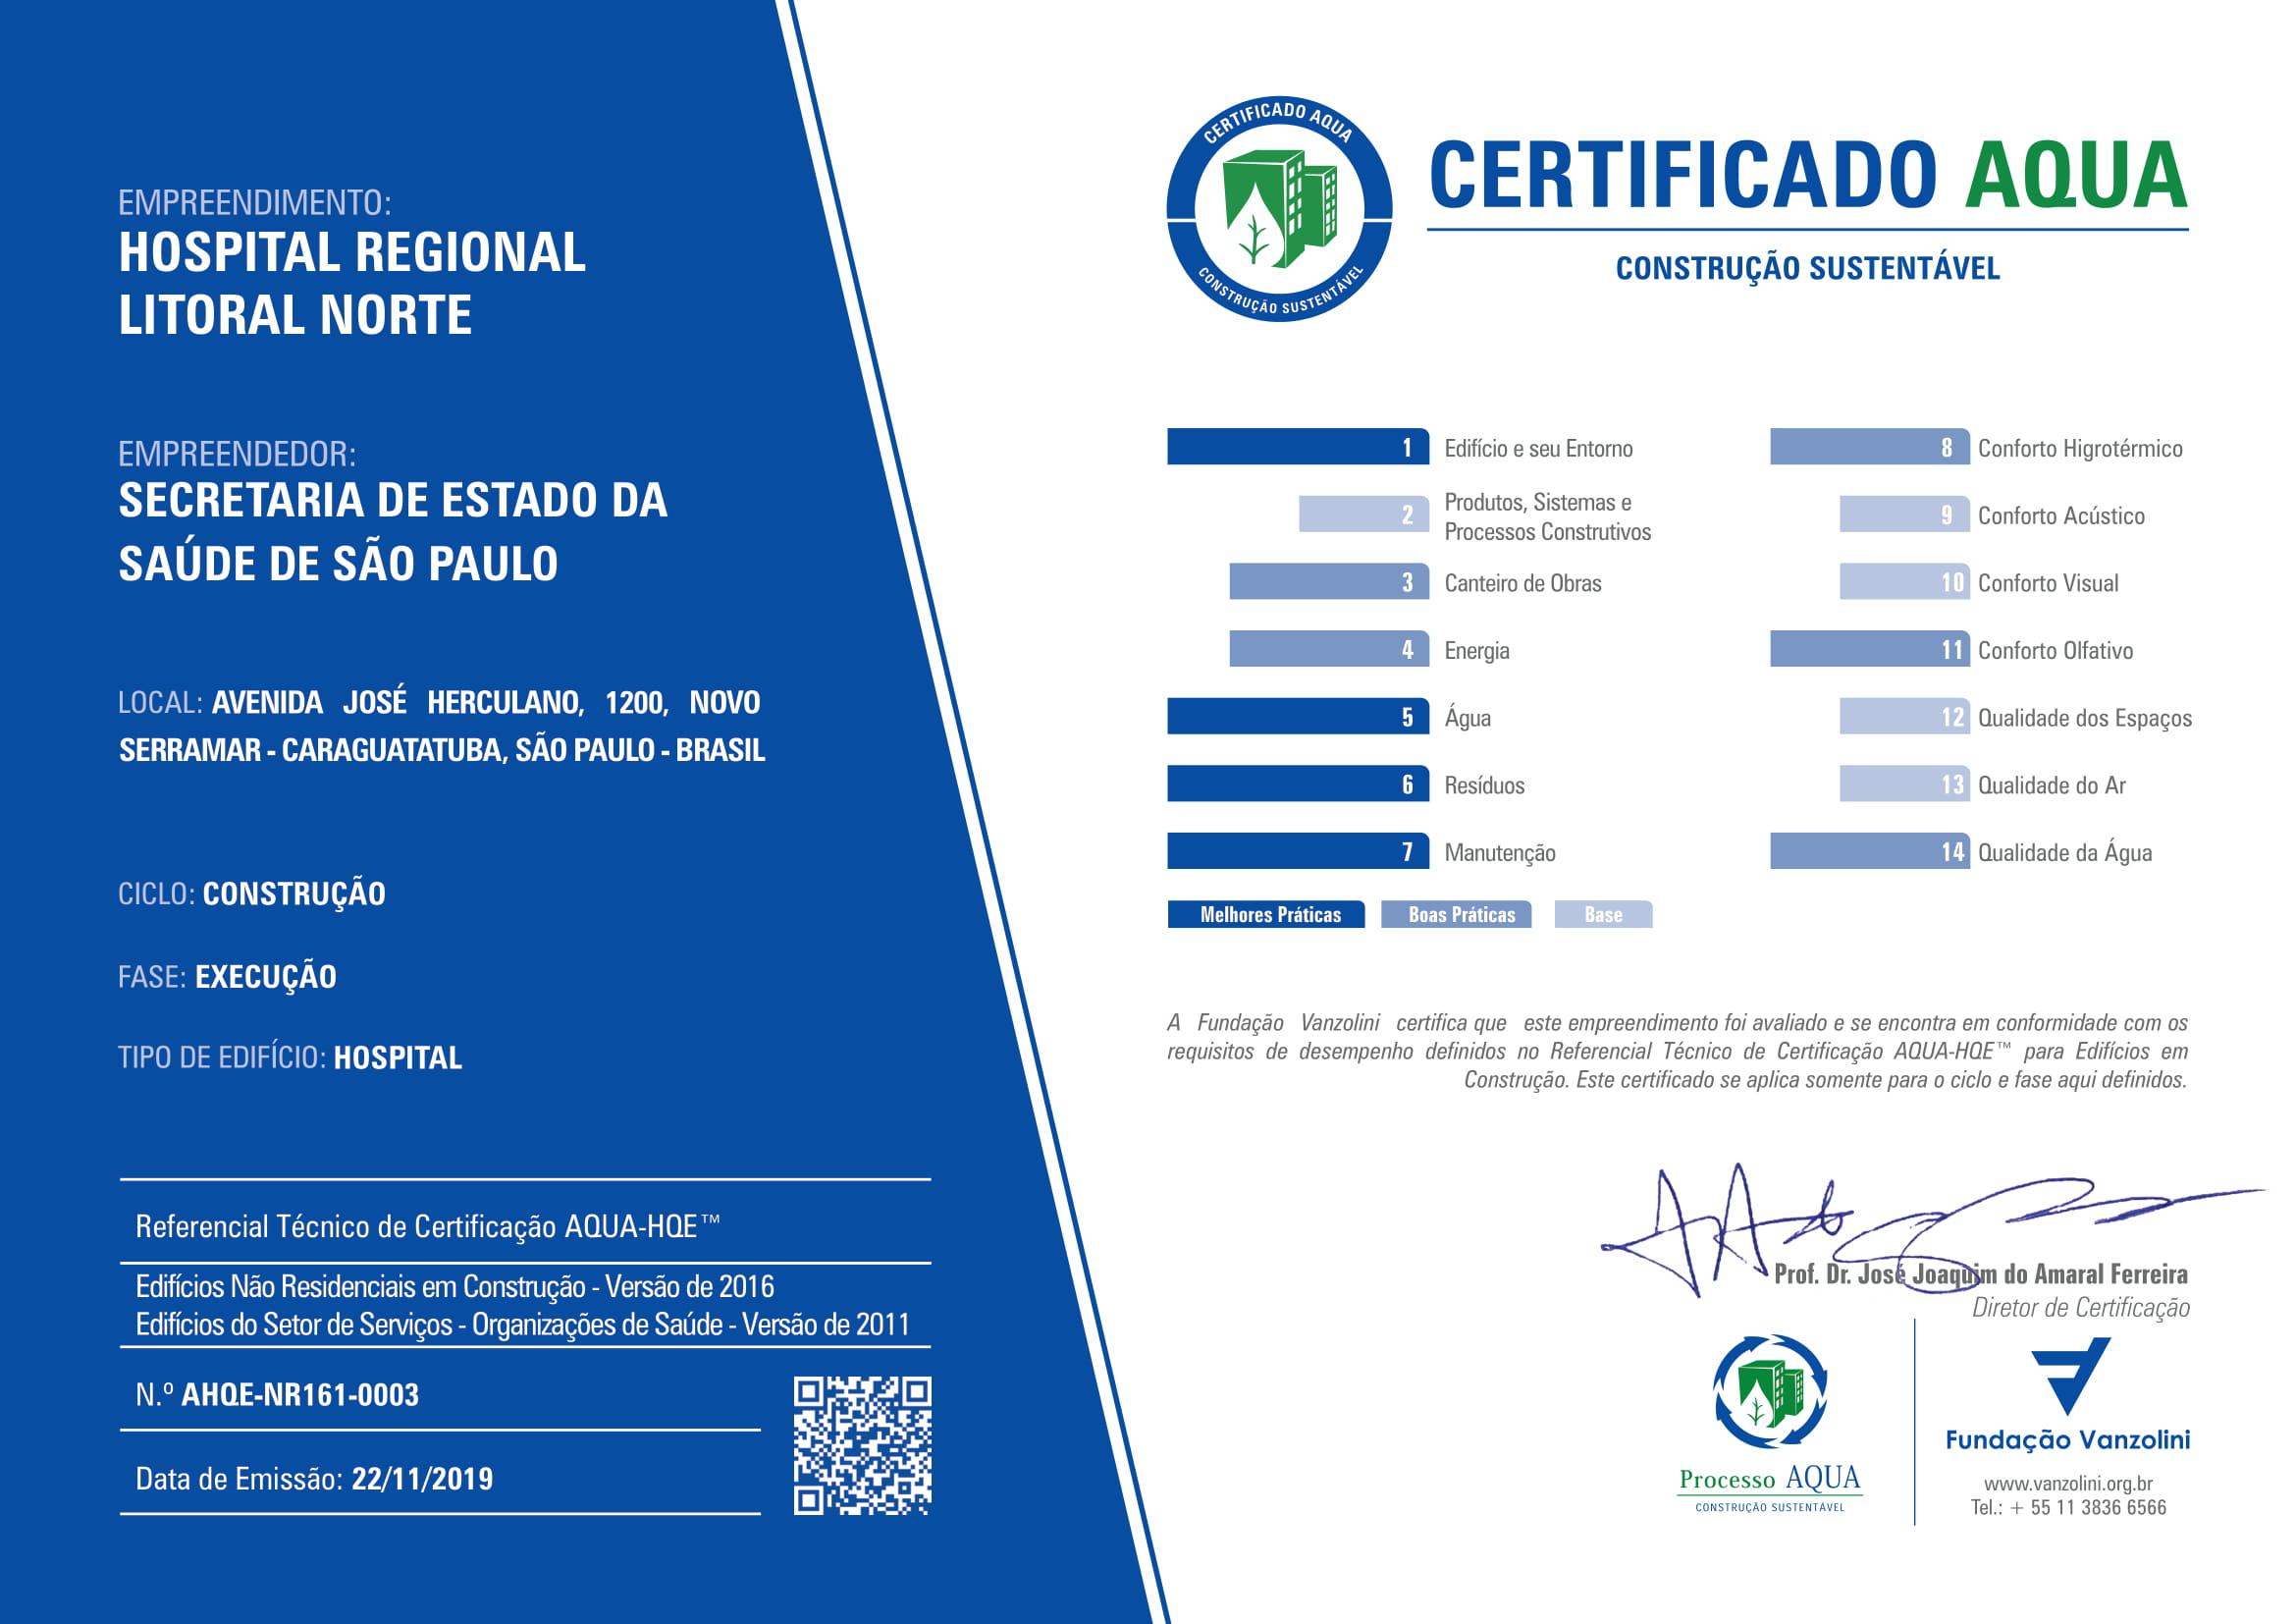 Certificado AQUA - NR-2013 - AHQE-NR161-0003 - HOSPITAL REGIONAL LITORAL NORTE - EXECUCAO-1